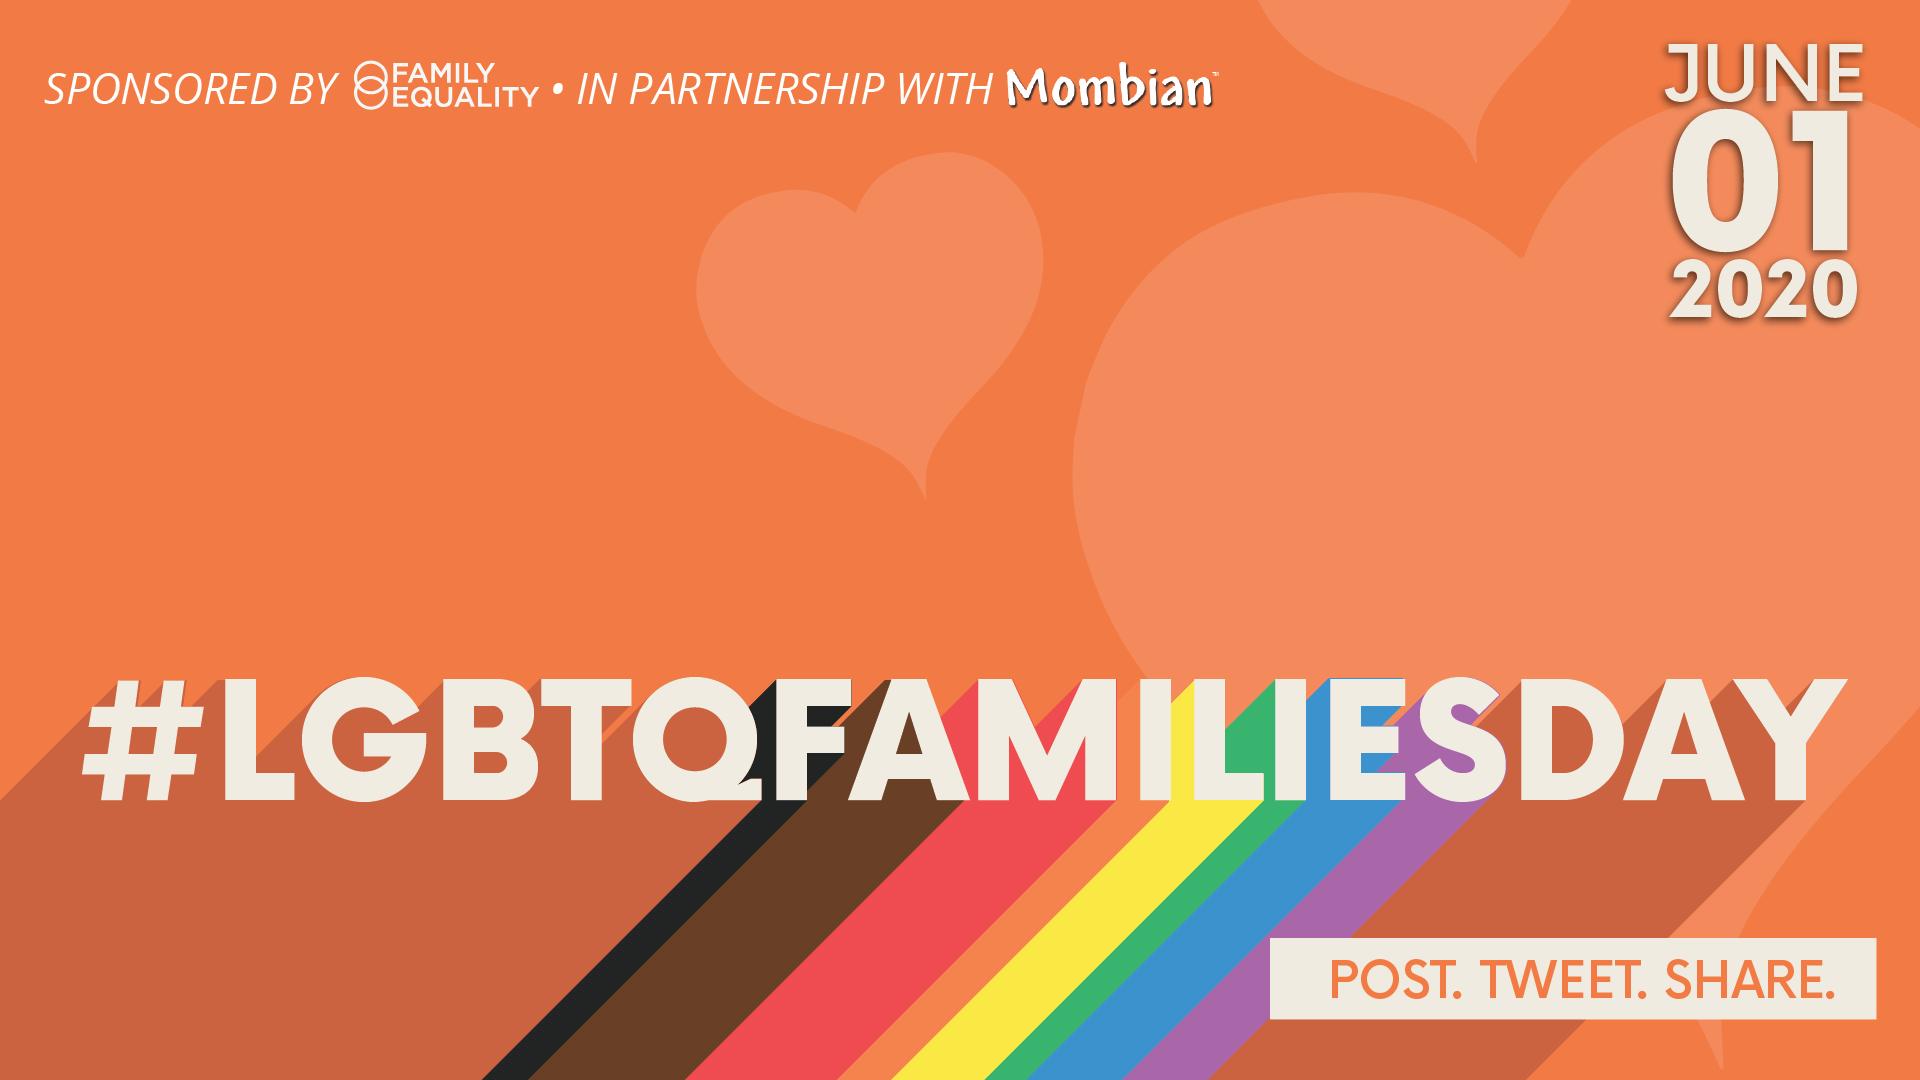 #LGBTQFamiliesDay 2020